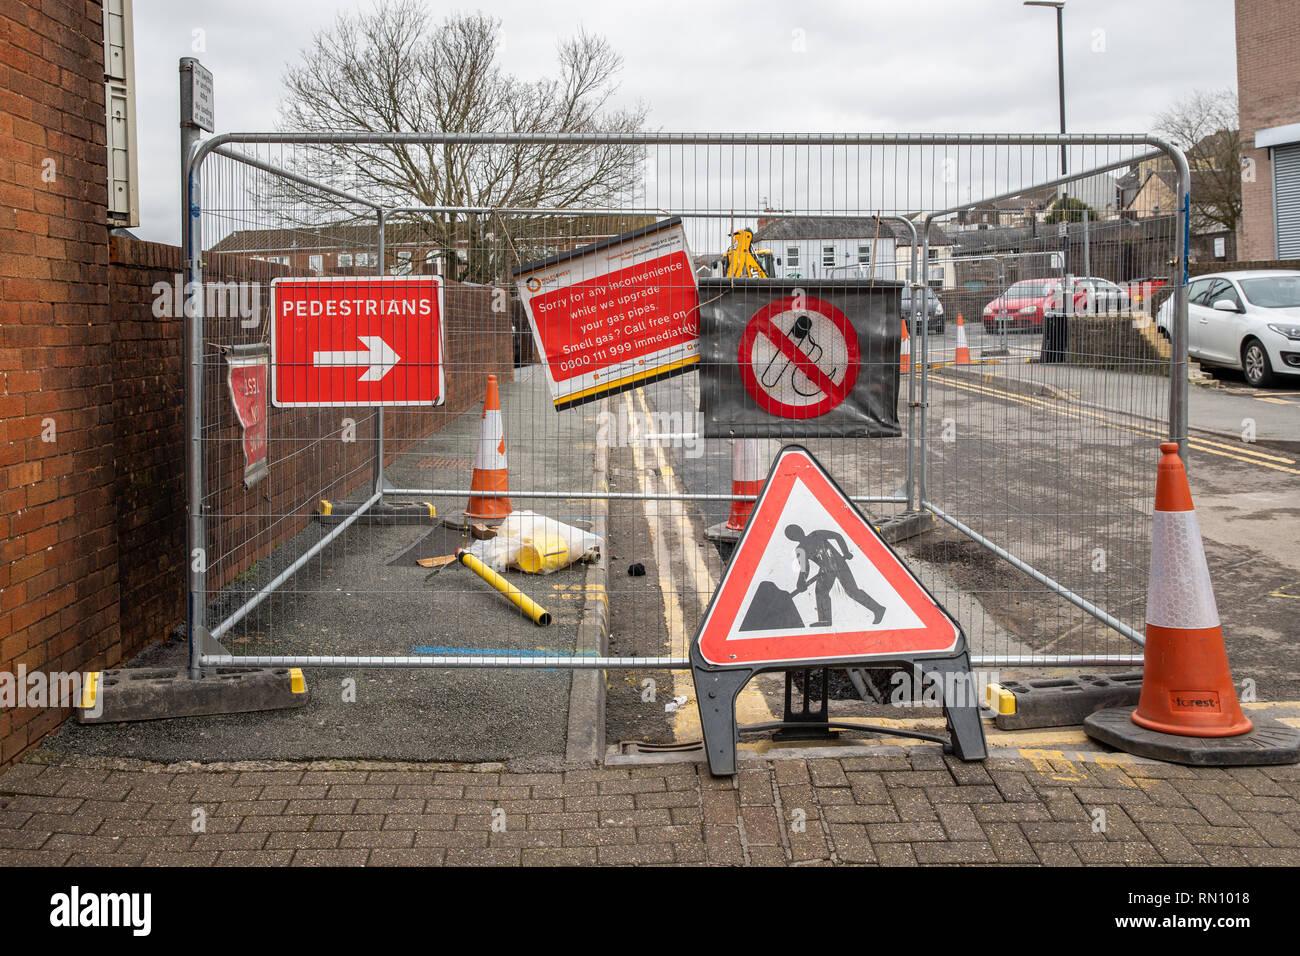 Y pavimento de carretera cerrada para los peatones como tubos de gas se han instalado o actualizado. Signos de peligro y conos de advertencia bloack la carretera. Imagen De Stock